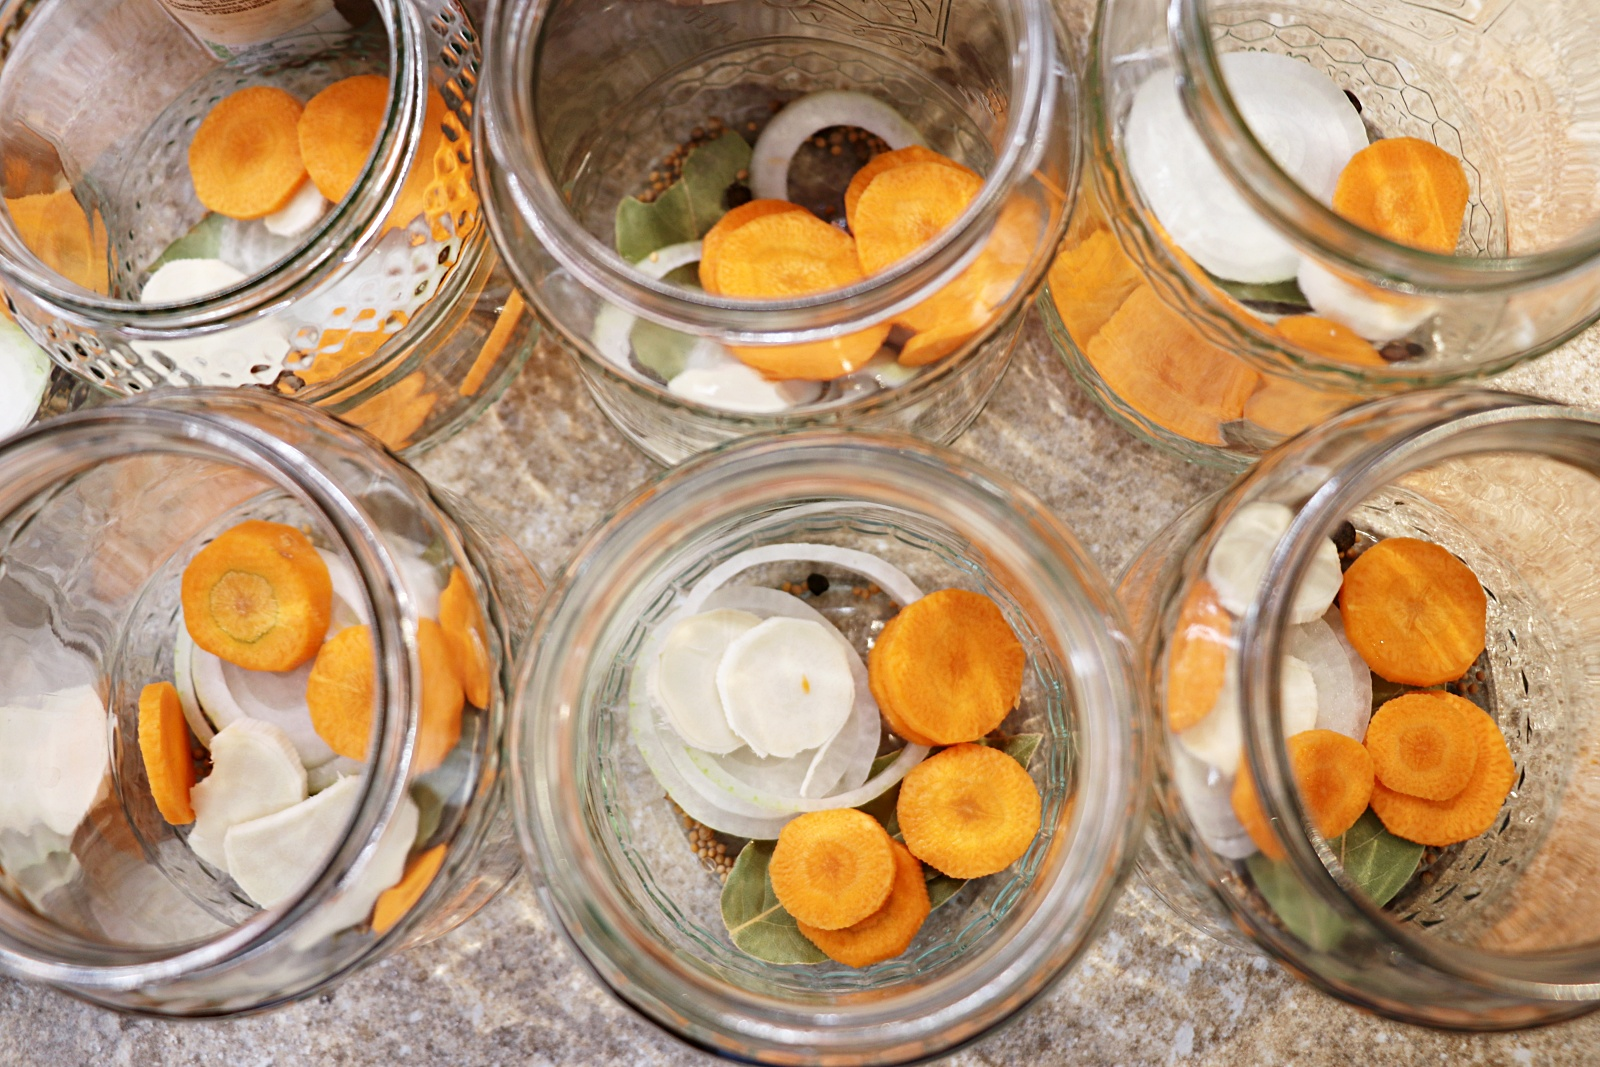 Zelenina na dně sklenic